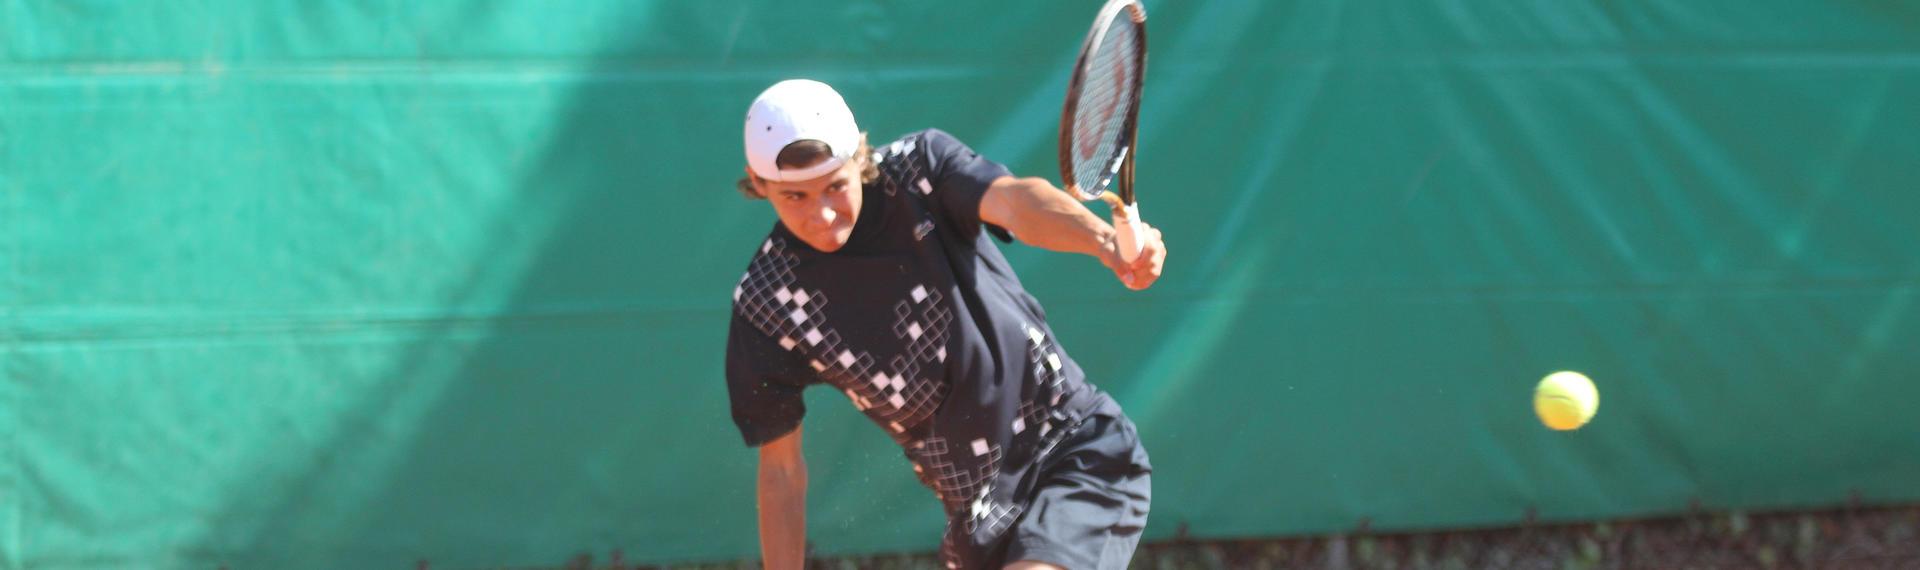 Siméon Rossier, tennis - privatbank Bonhôte